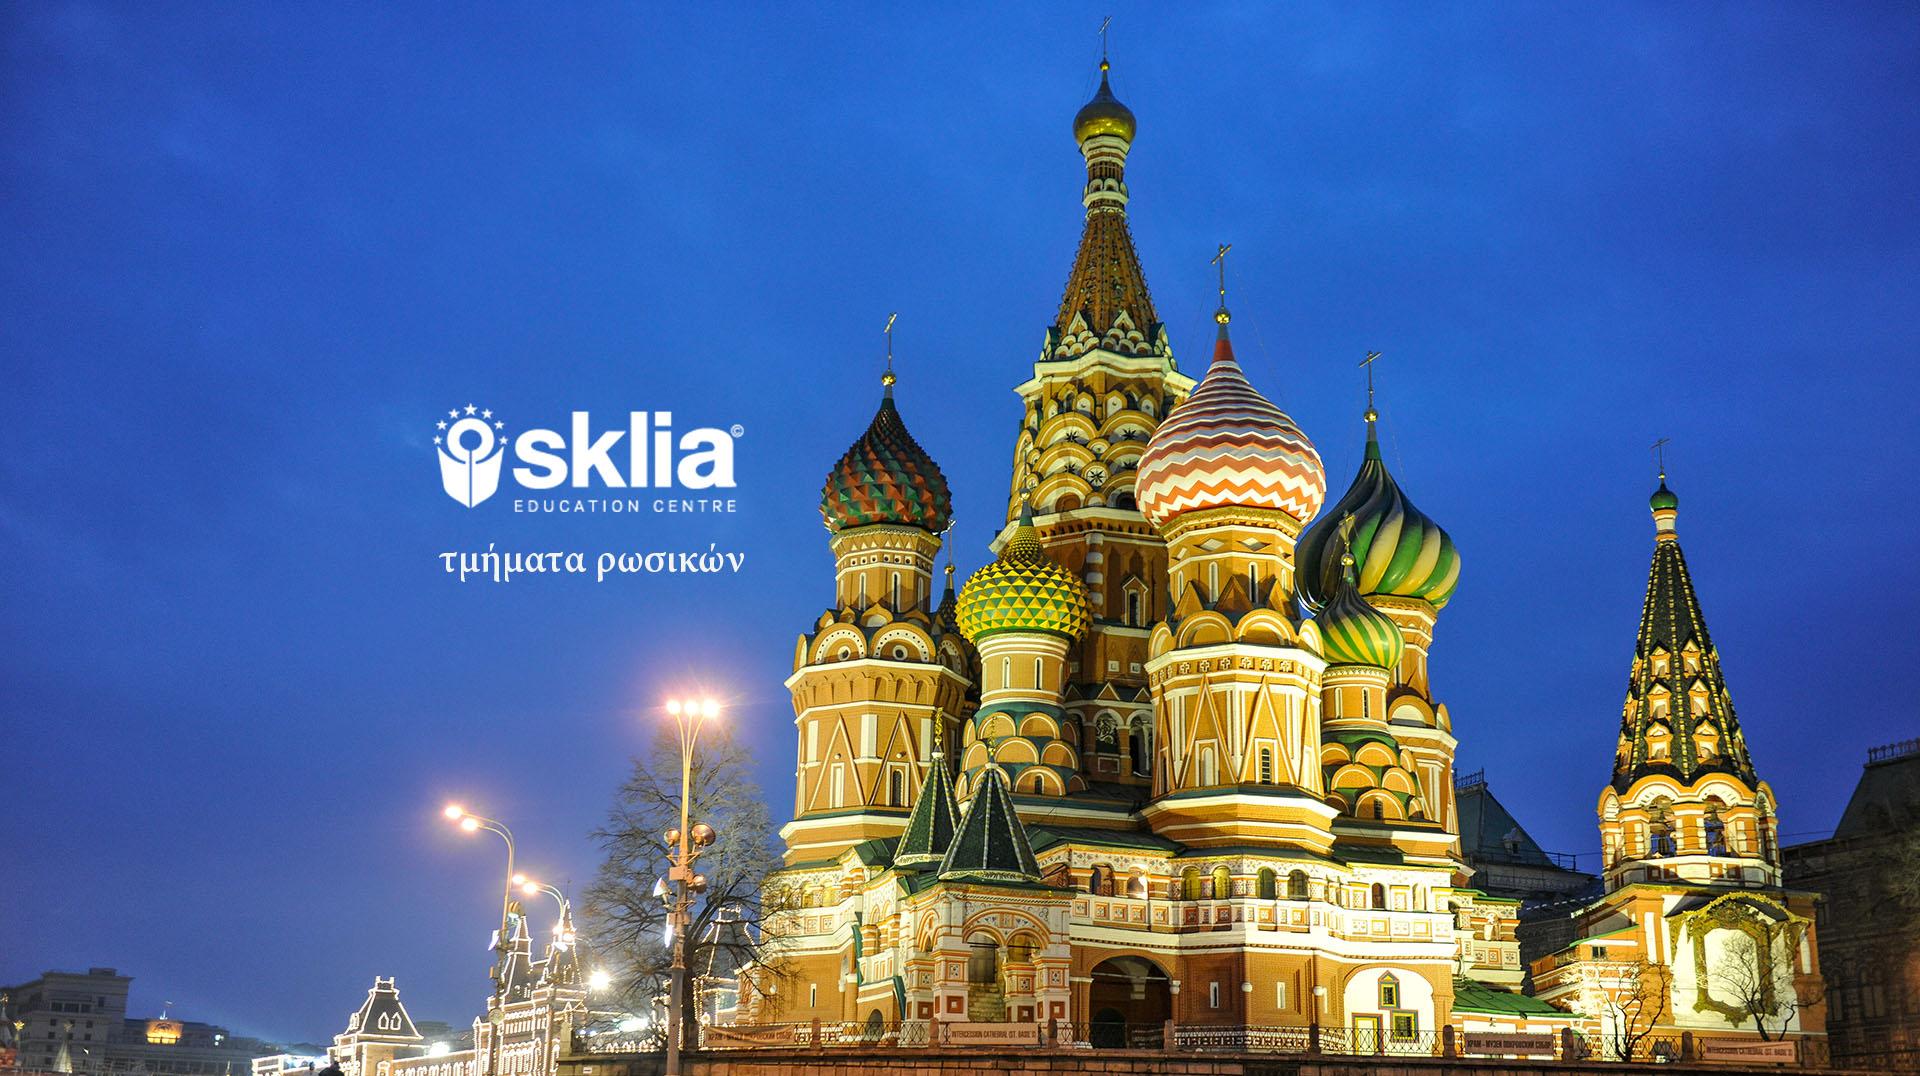 Ρωσικά, η γλώσσα του σήμερα για ενήλικες και παιδιά